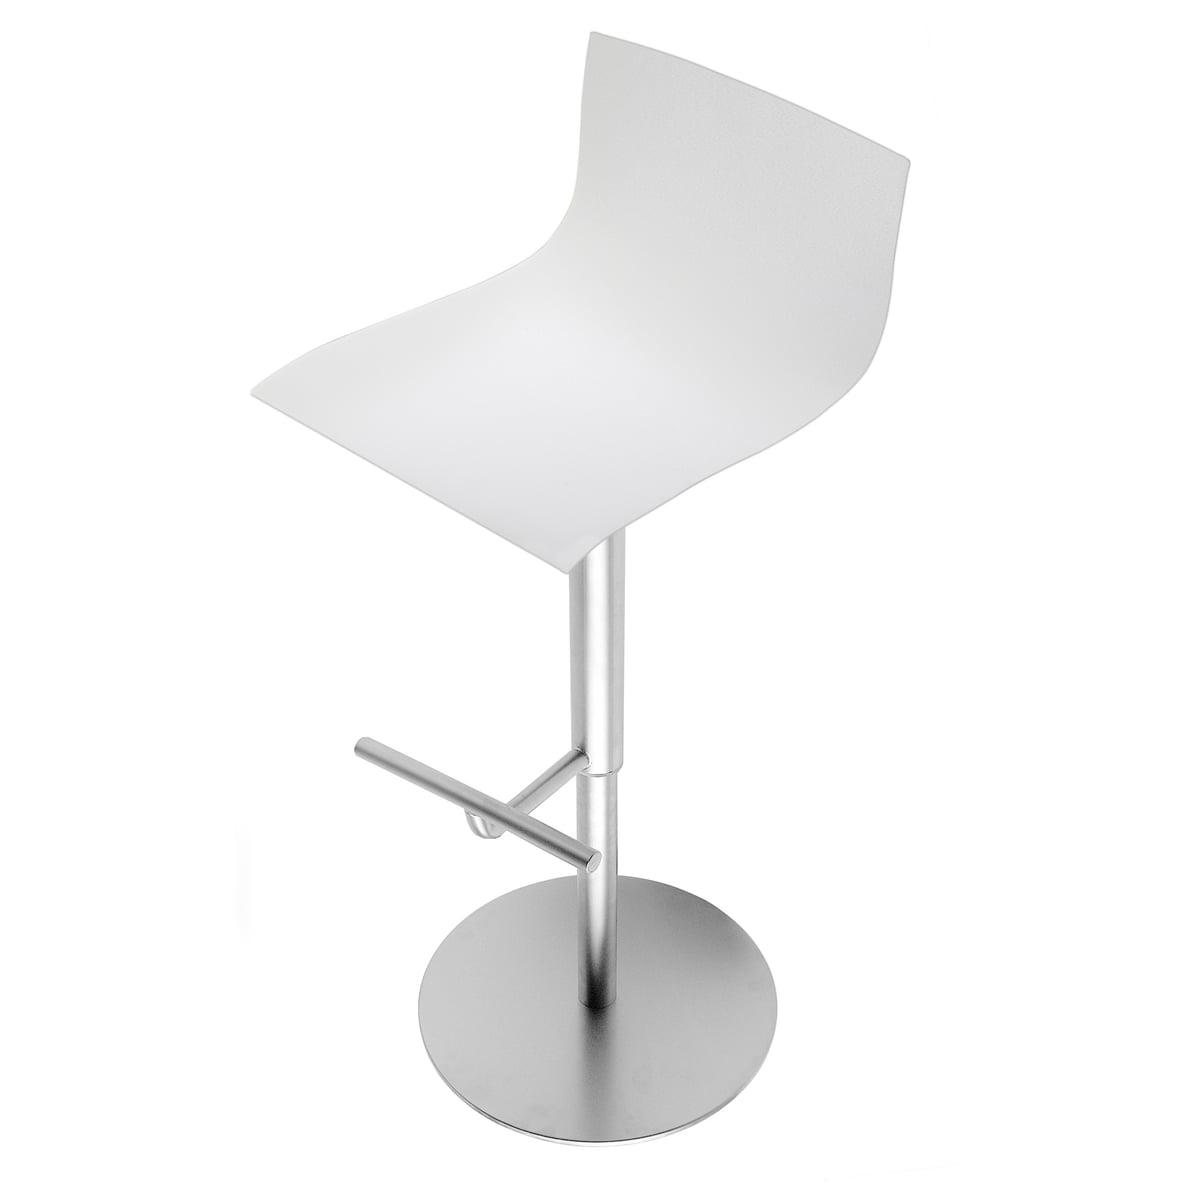 Weiss Pinie Barhocker Online Kaufen Möbel Suchmaschine